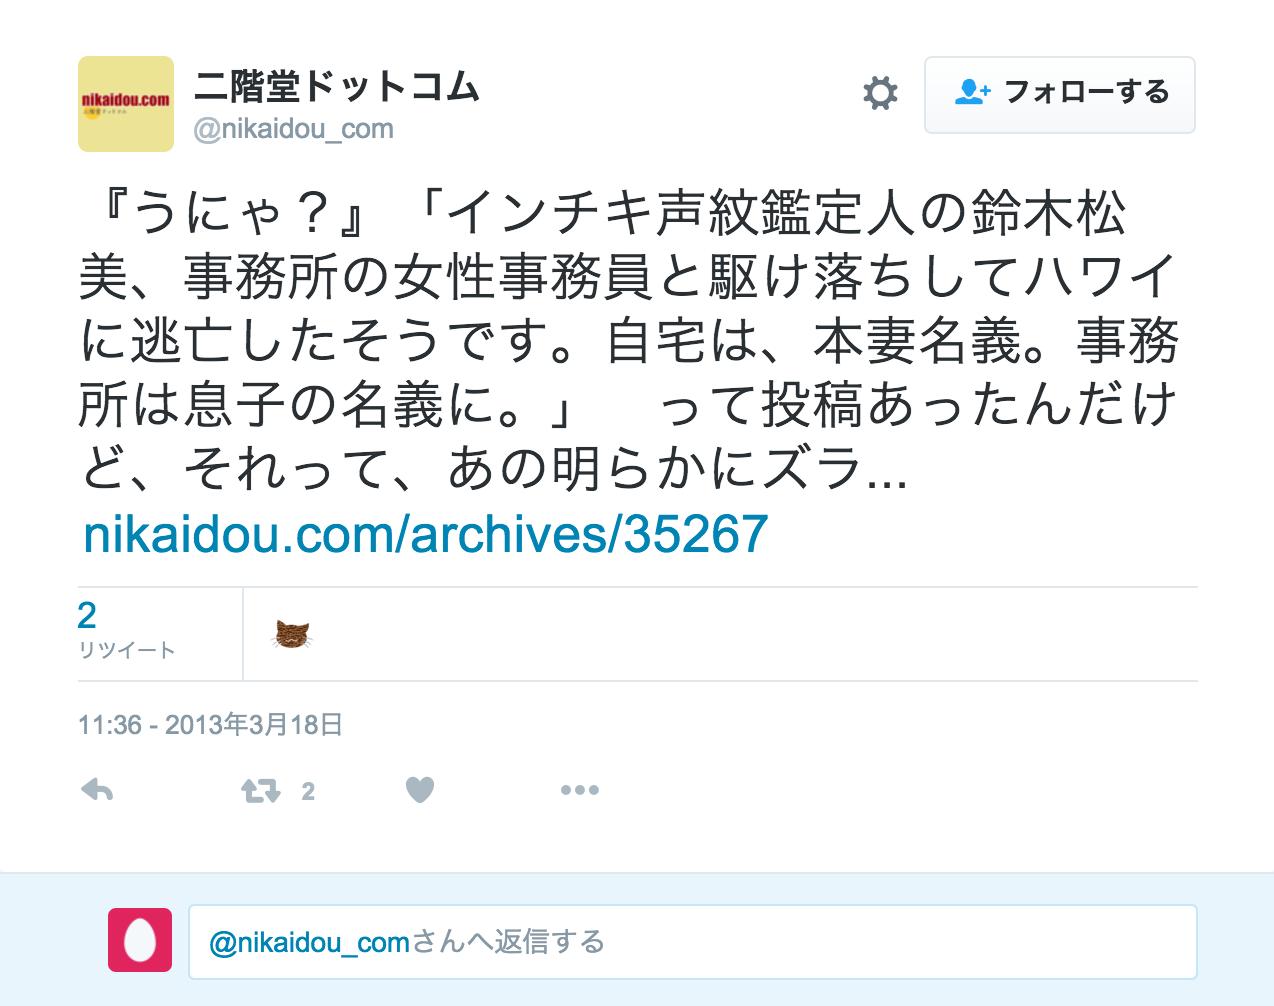 鈴木松美の駆け落ち逃亡説